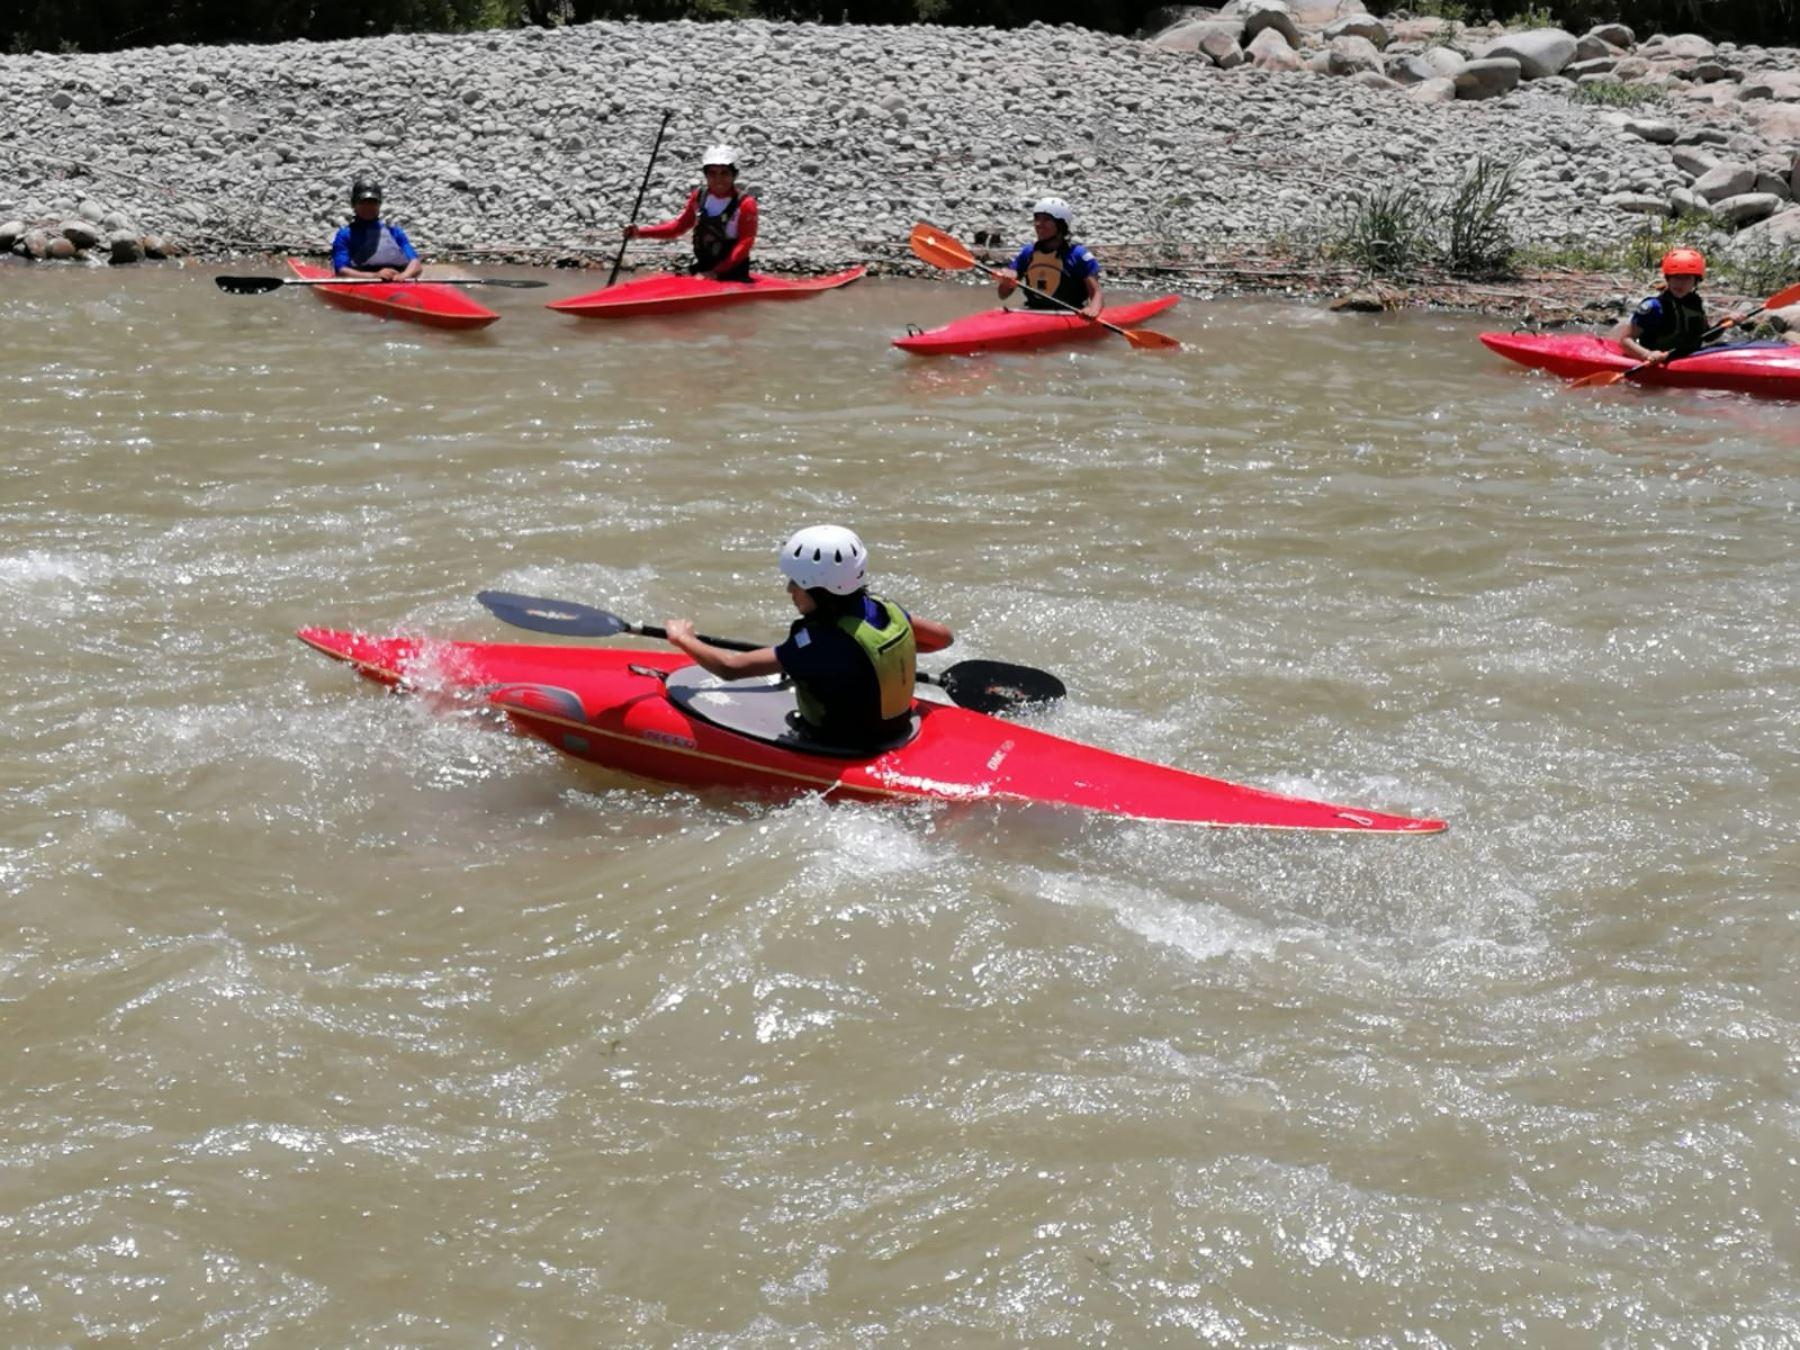 El canojate peruano reactivó sus actividades en Lunahuaná